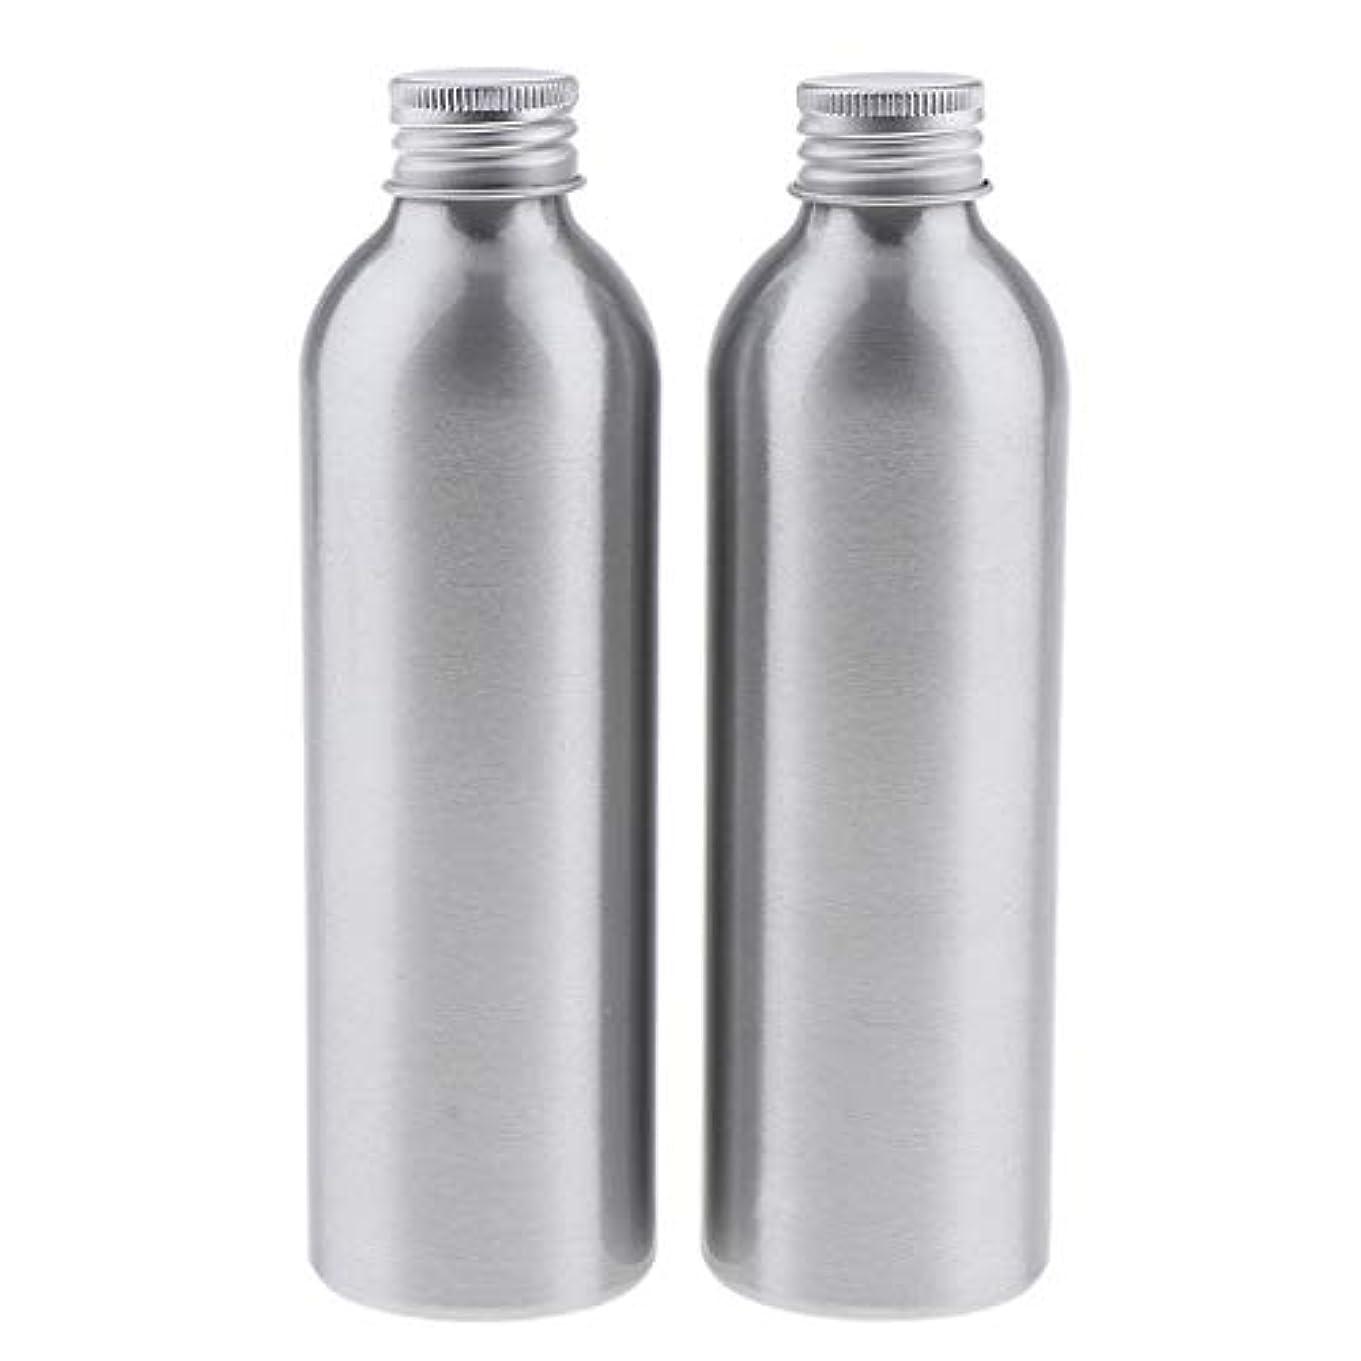 概念農学トランスミッションディスペンサーボトル 空ボトル アルミボトル 化粧品ボトル 詰替え容器 広い口 防錆 全5サイズ - 250ml